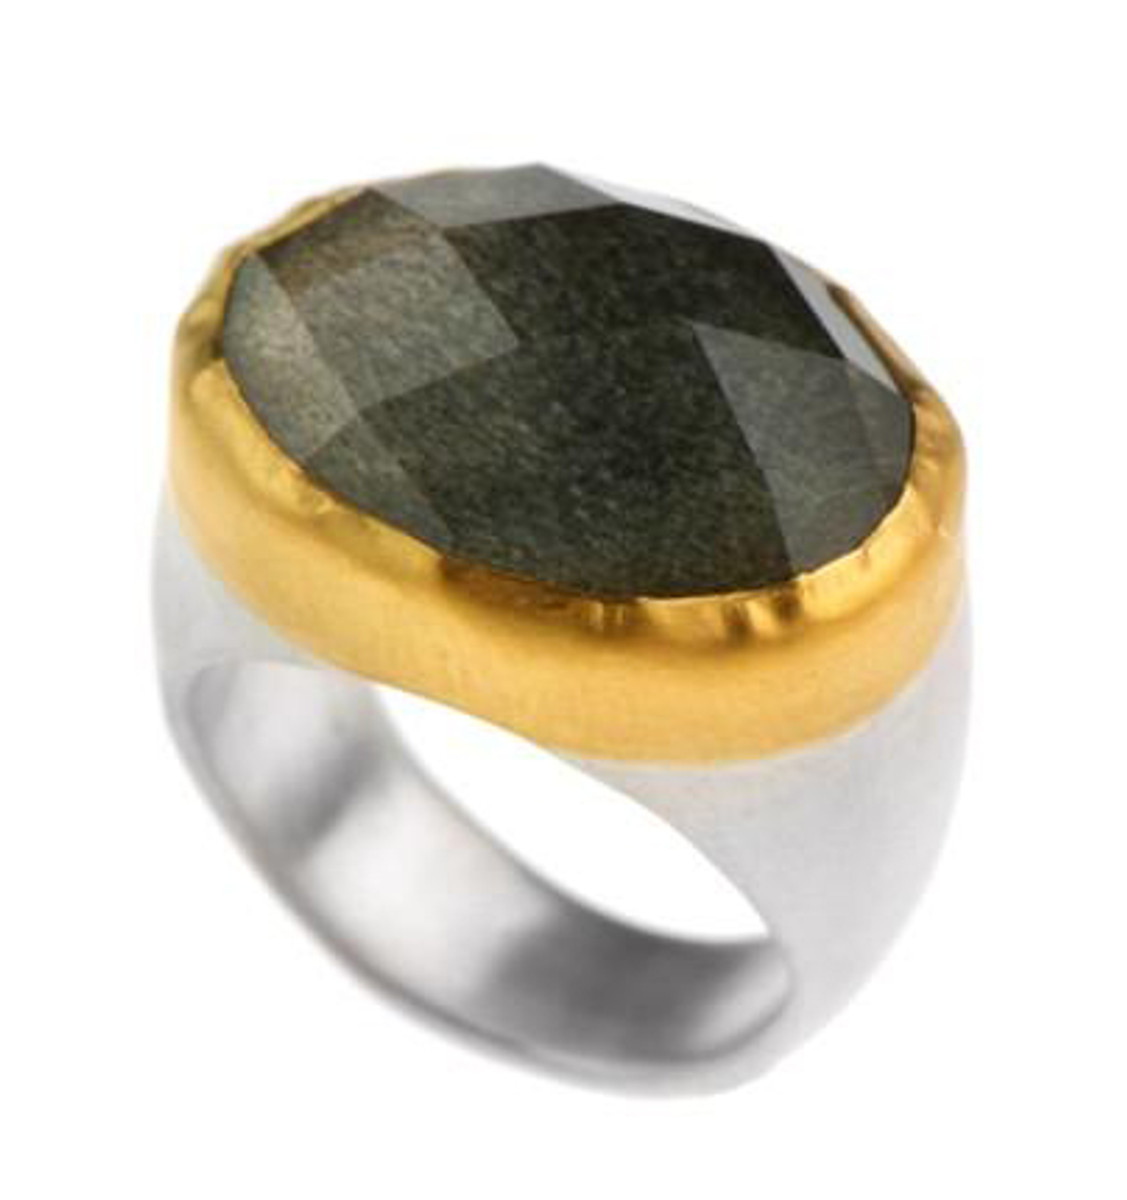 Crystal Ball Obsidian Ring by Nava Zahavi - New Arrival